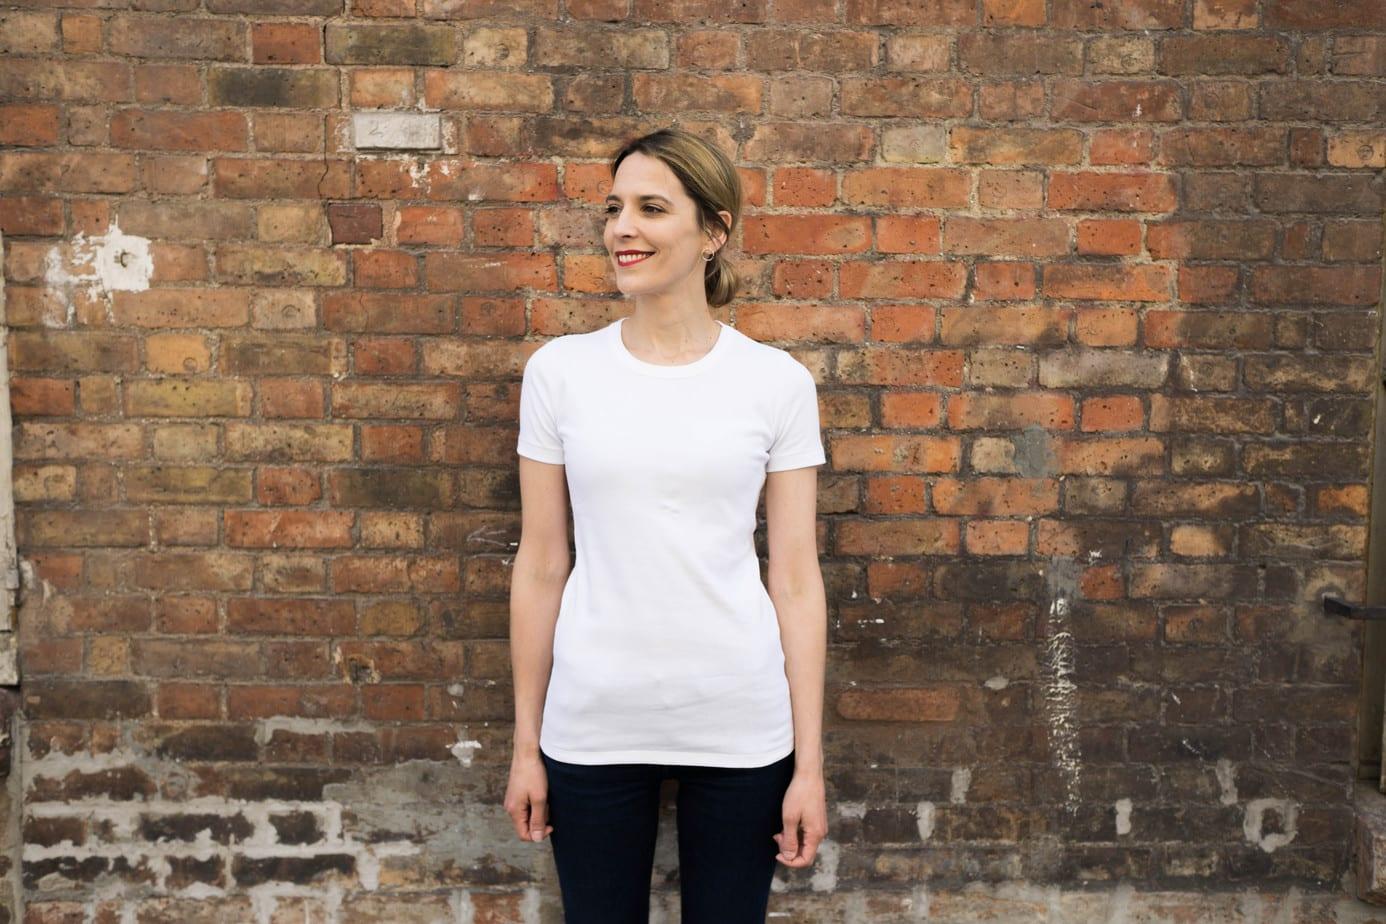 caa2b792653 Le tee-shirt blanc basique parfait   mon comparatif - Le Dressing Idéal